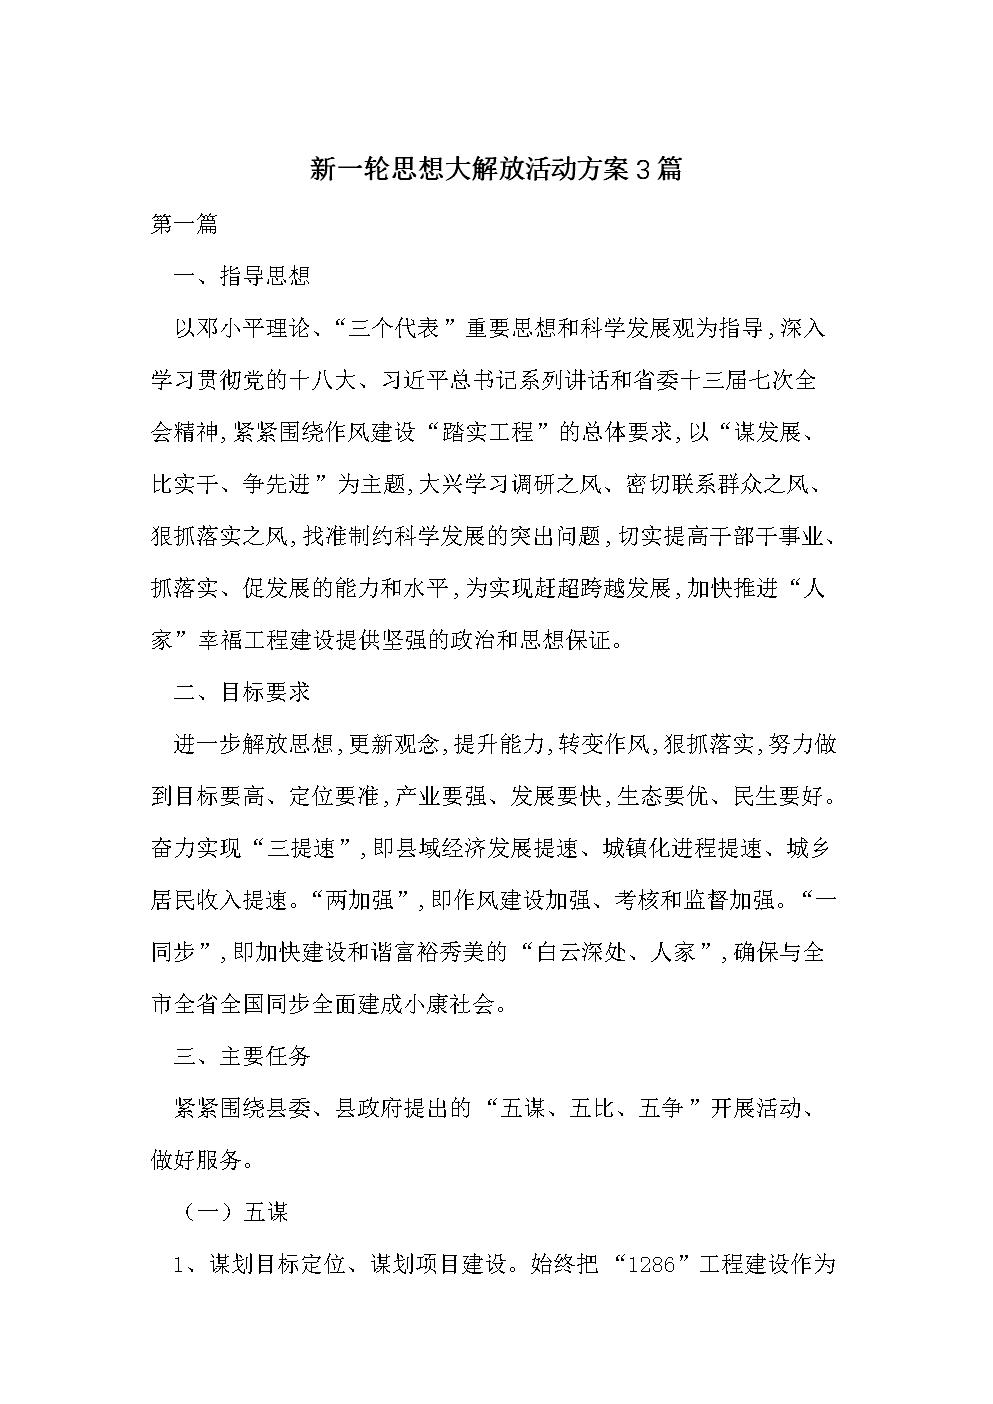 新一轮思想大解放活动方案3篇汇总.doc